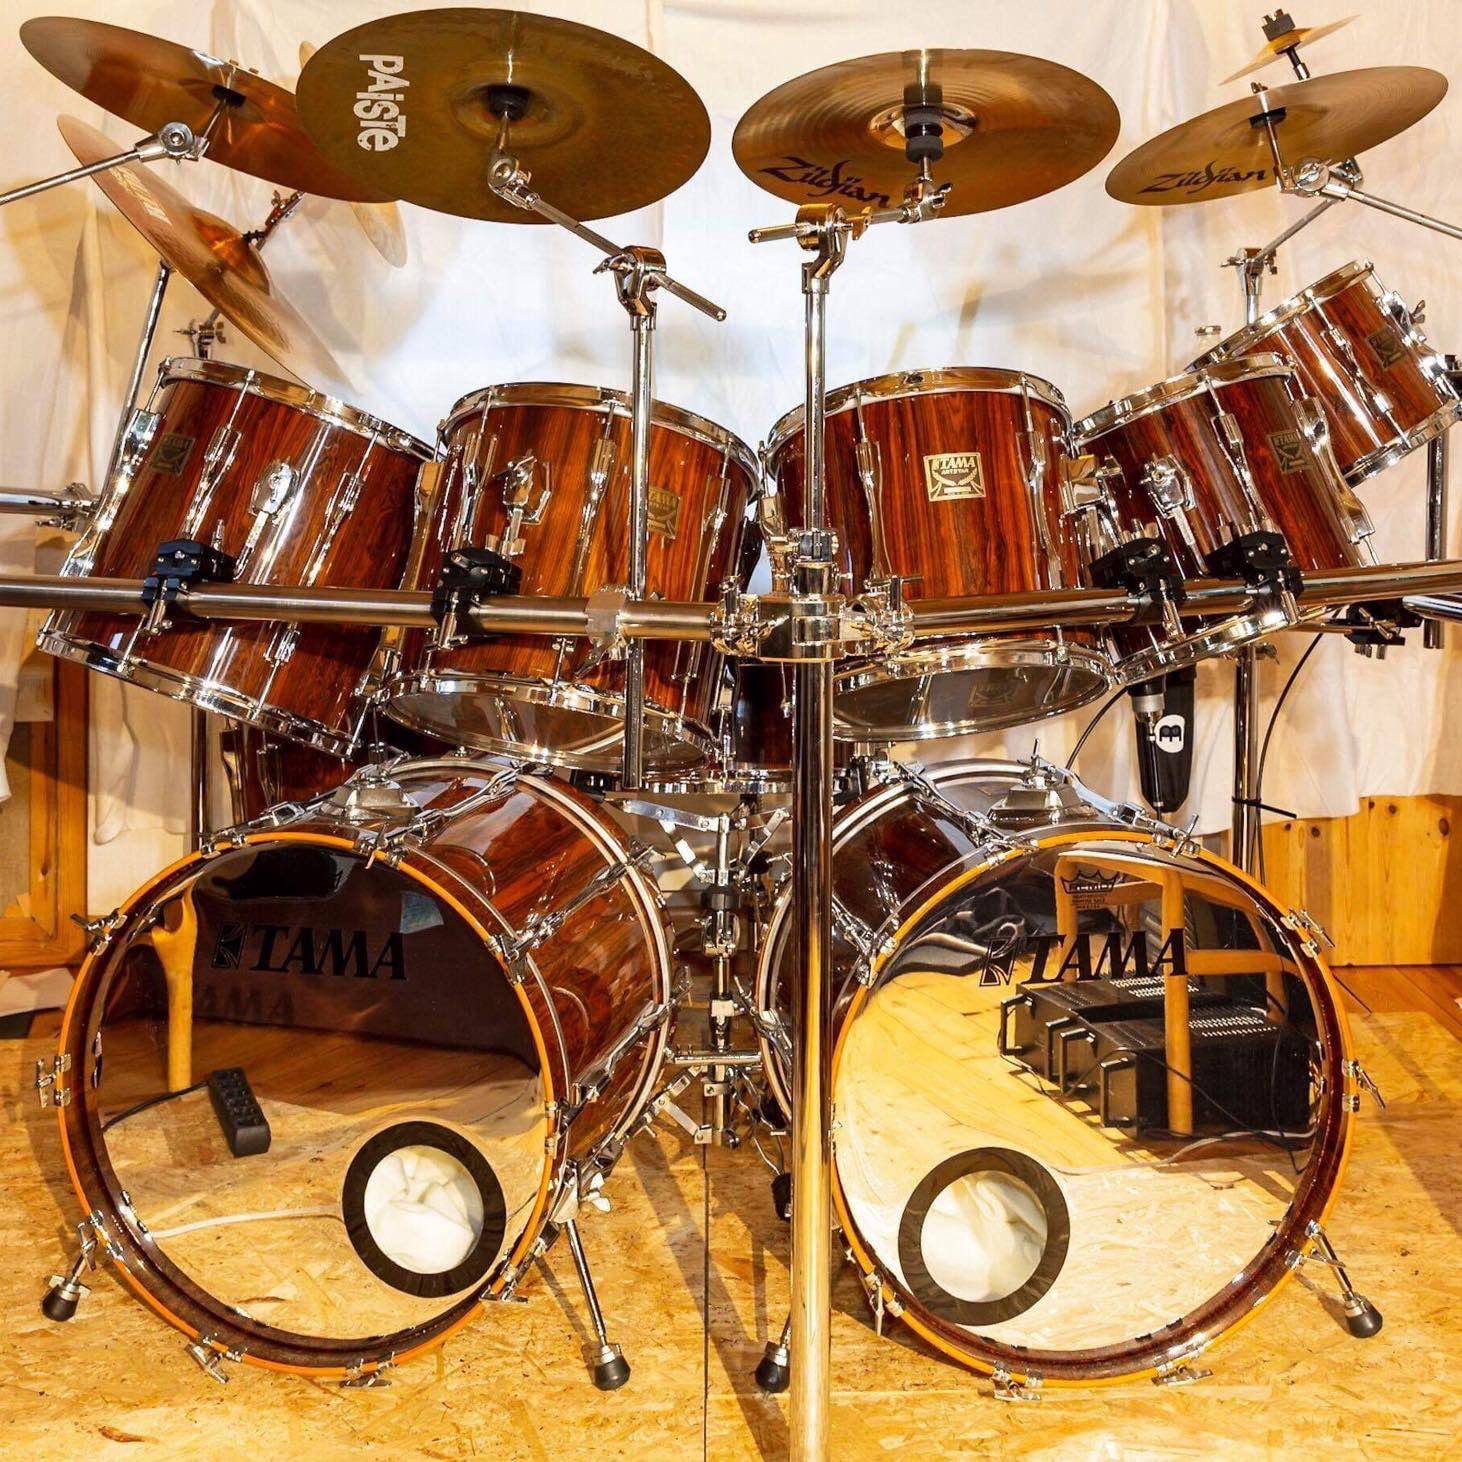 My pride and joy drums drums beats drum kits